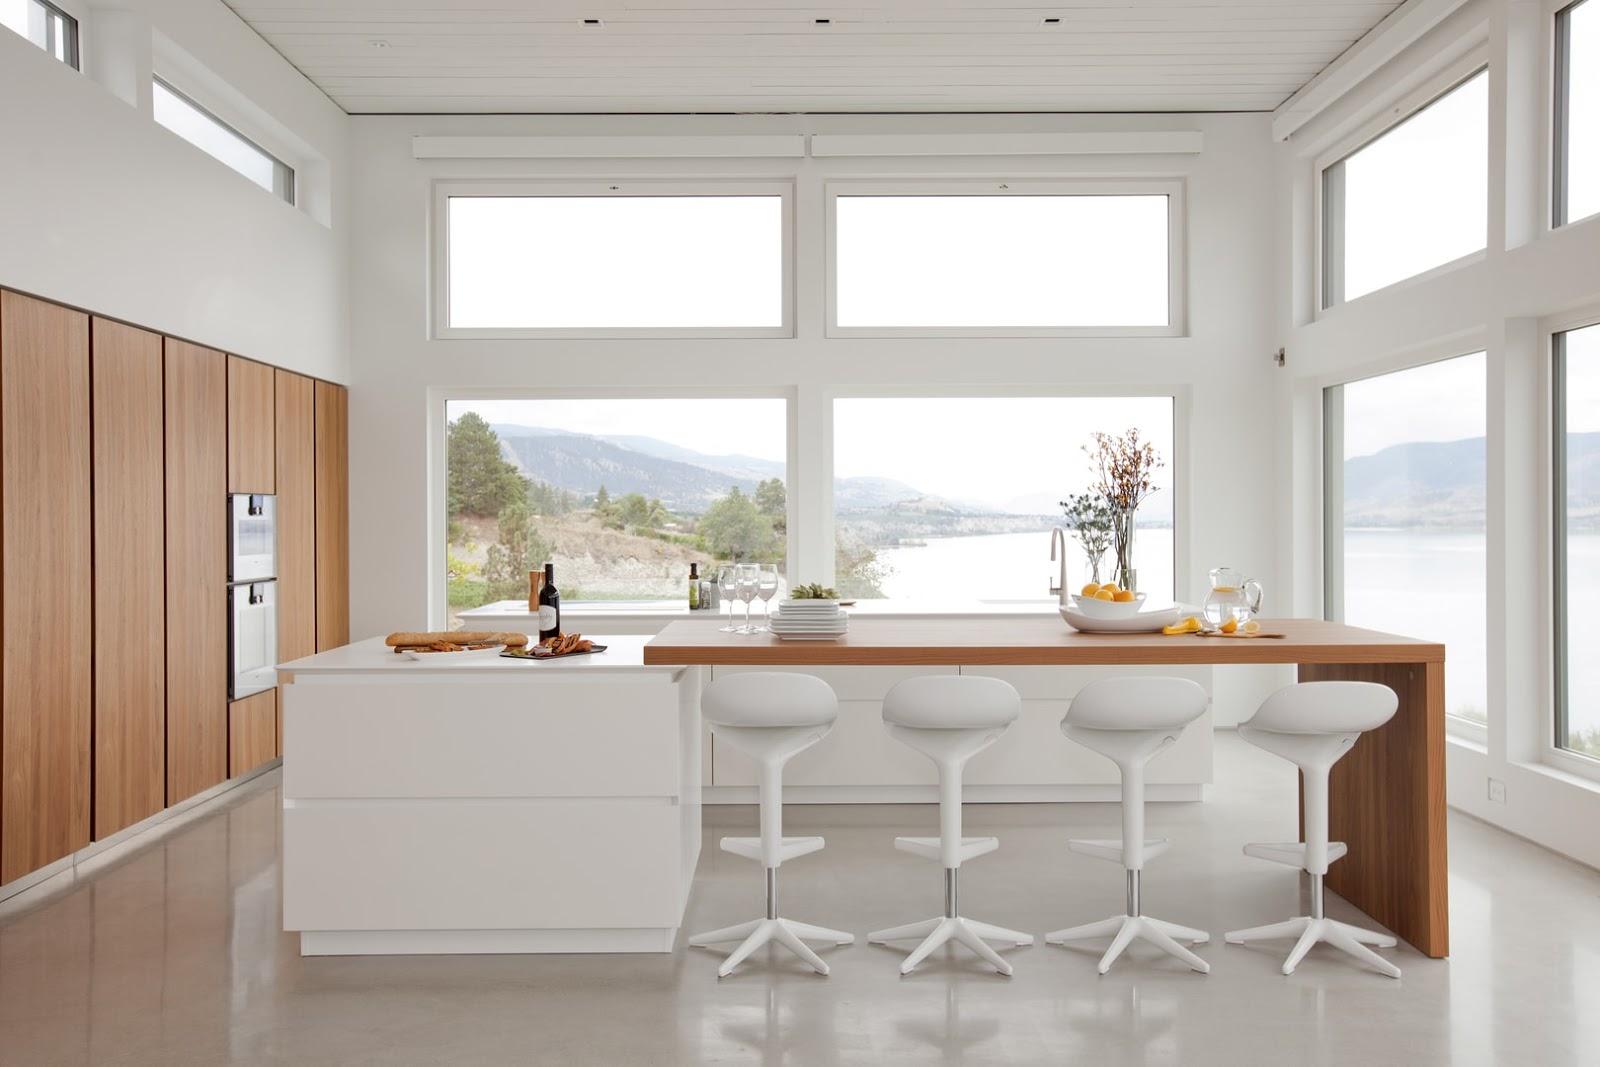 Dise ada tambi n para aprovechar y disfrutar las vistas for Cocina blanca y madera moderna